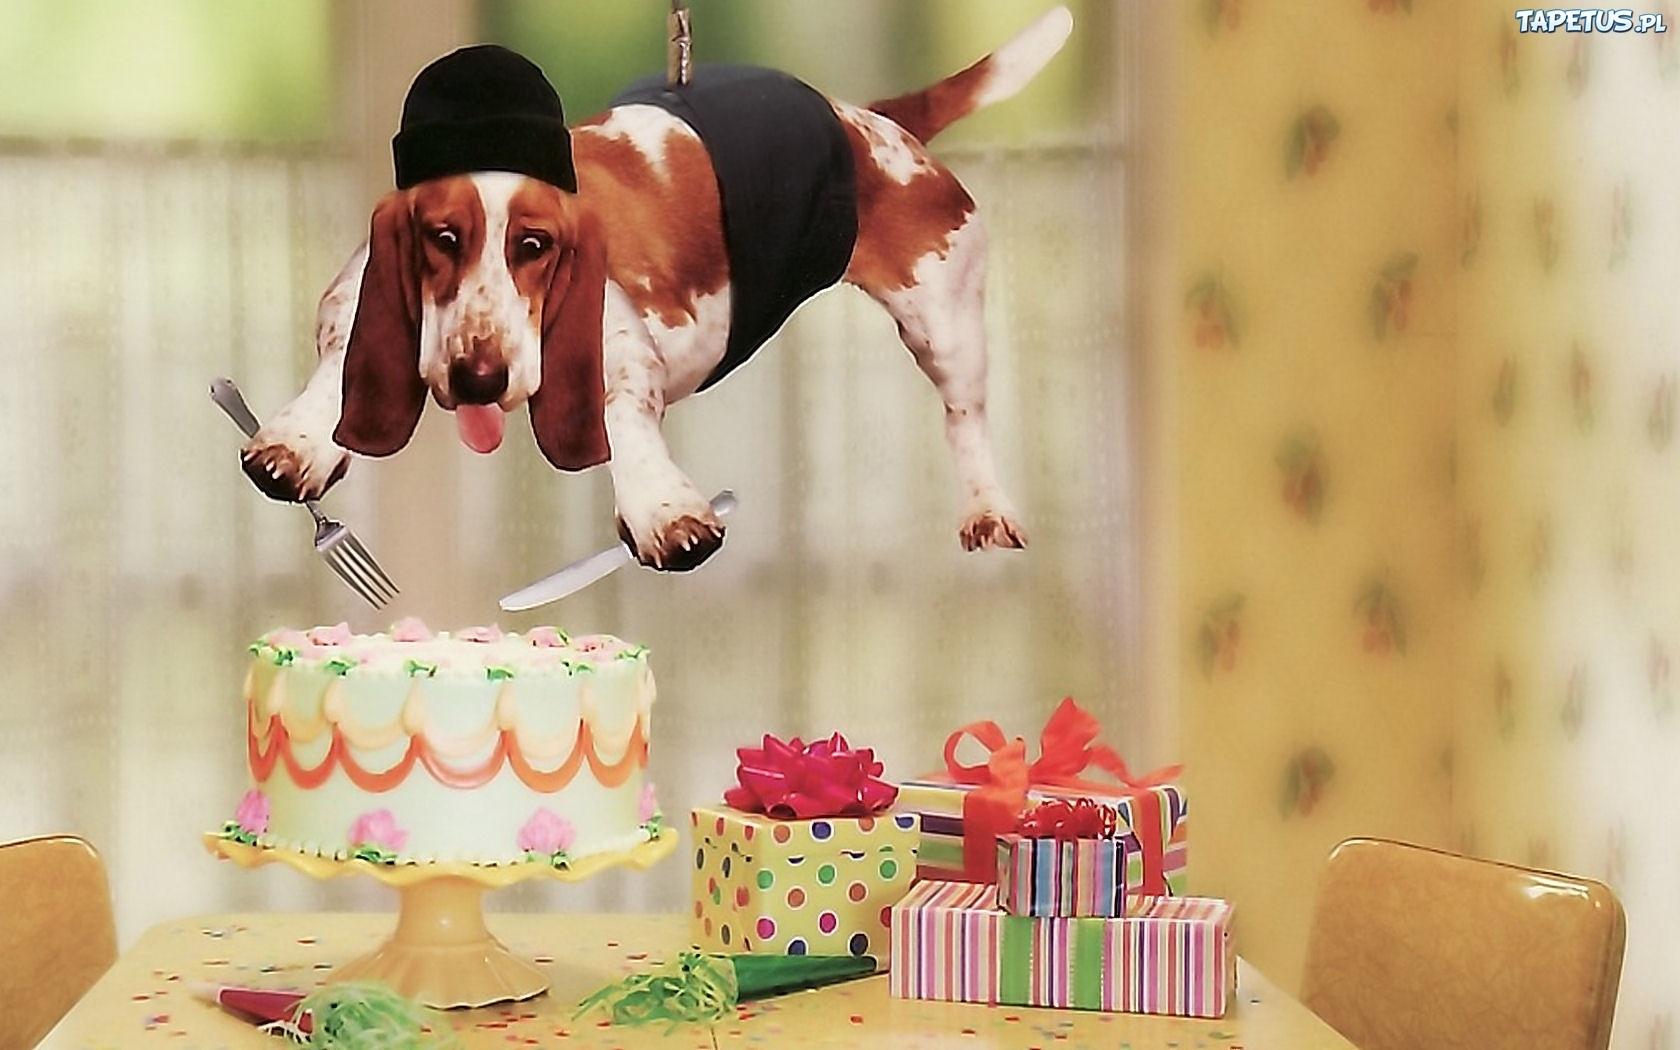 Смешной позитивное поздравление на день рождения